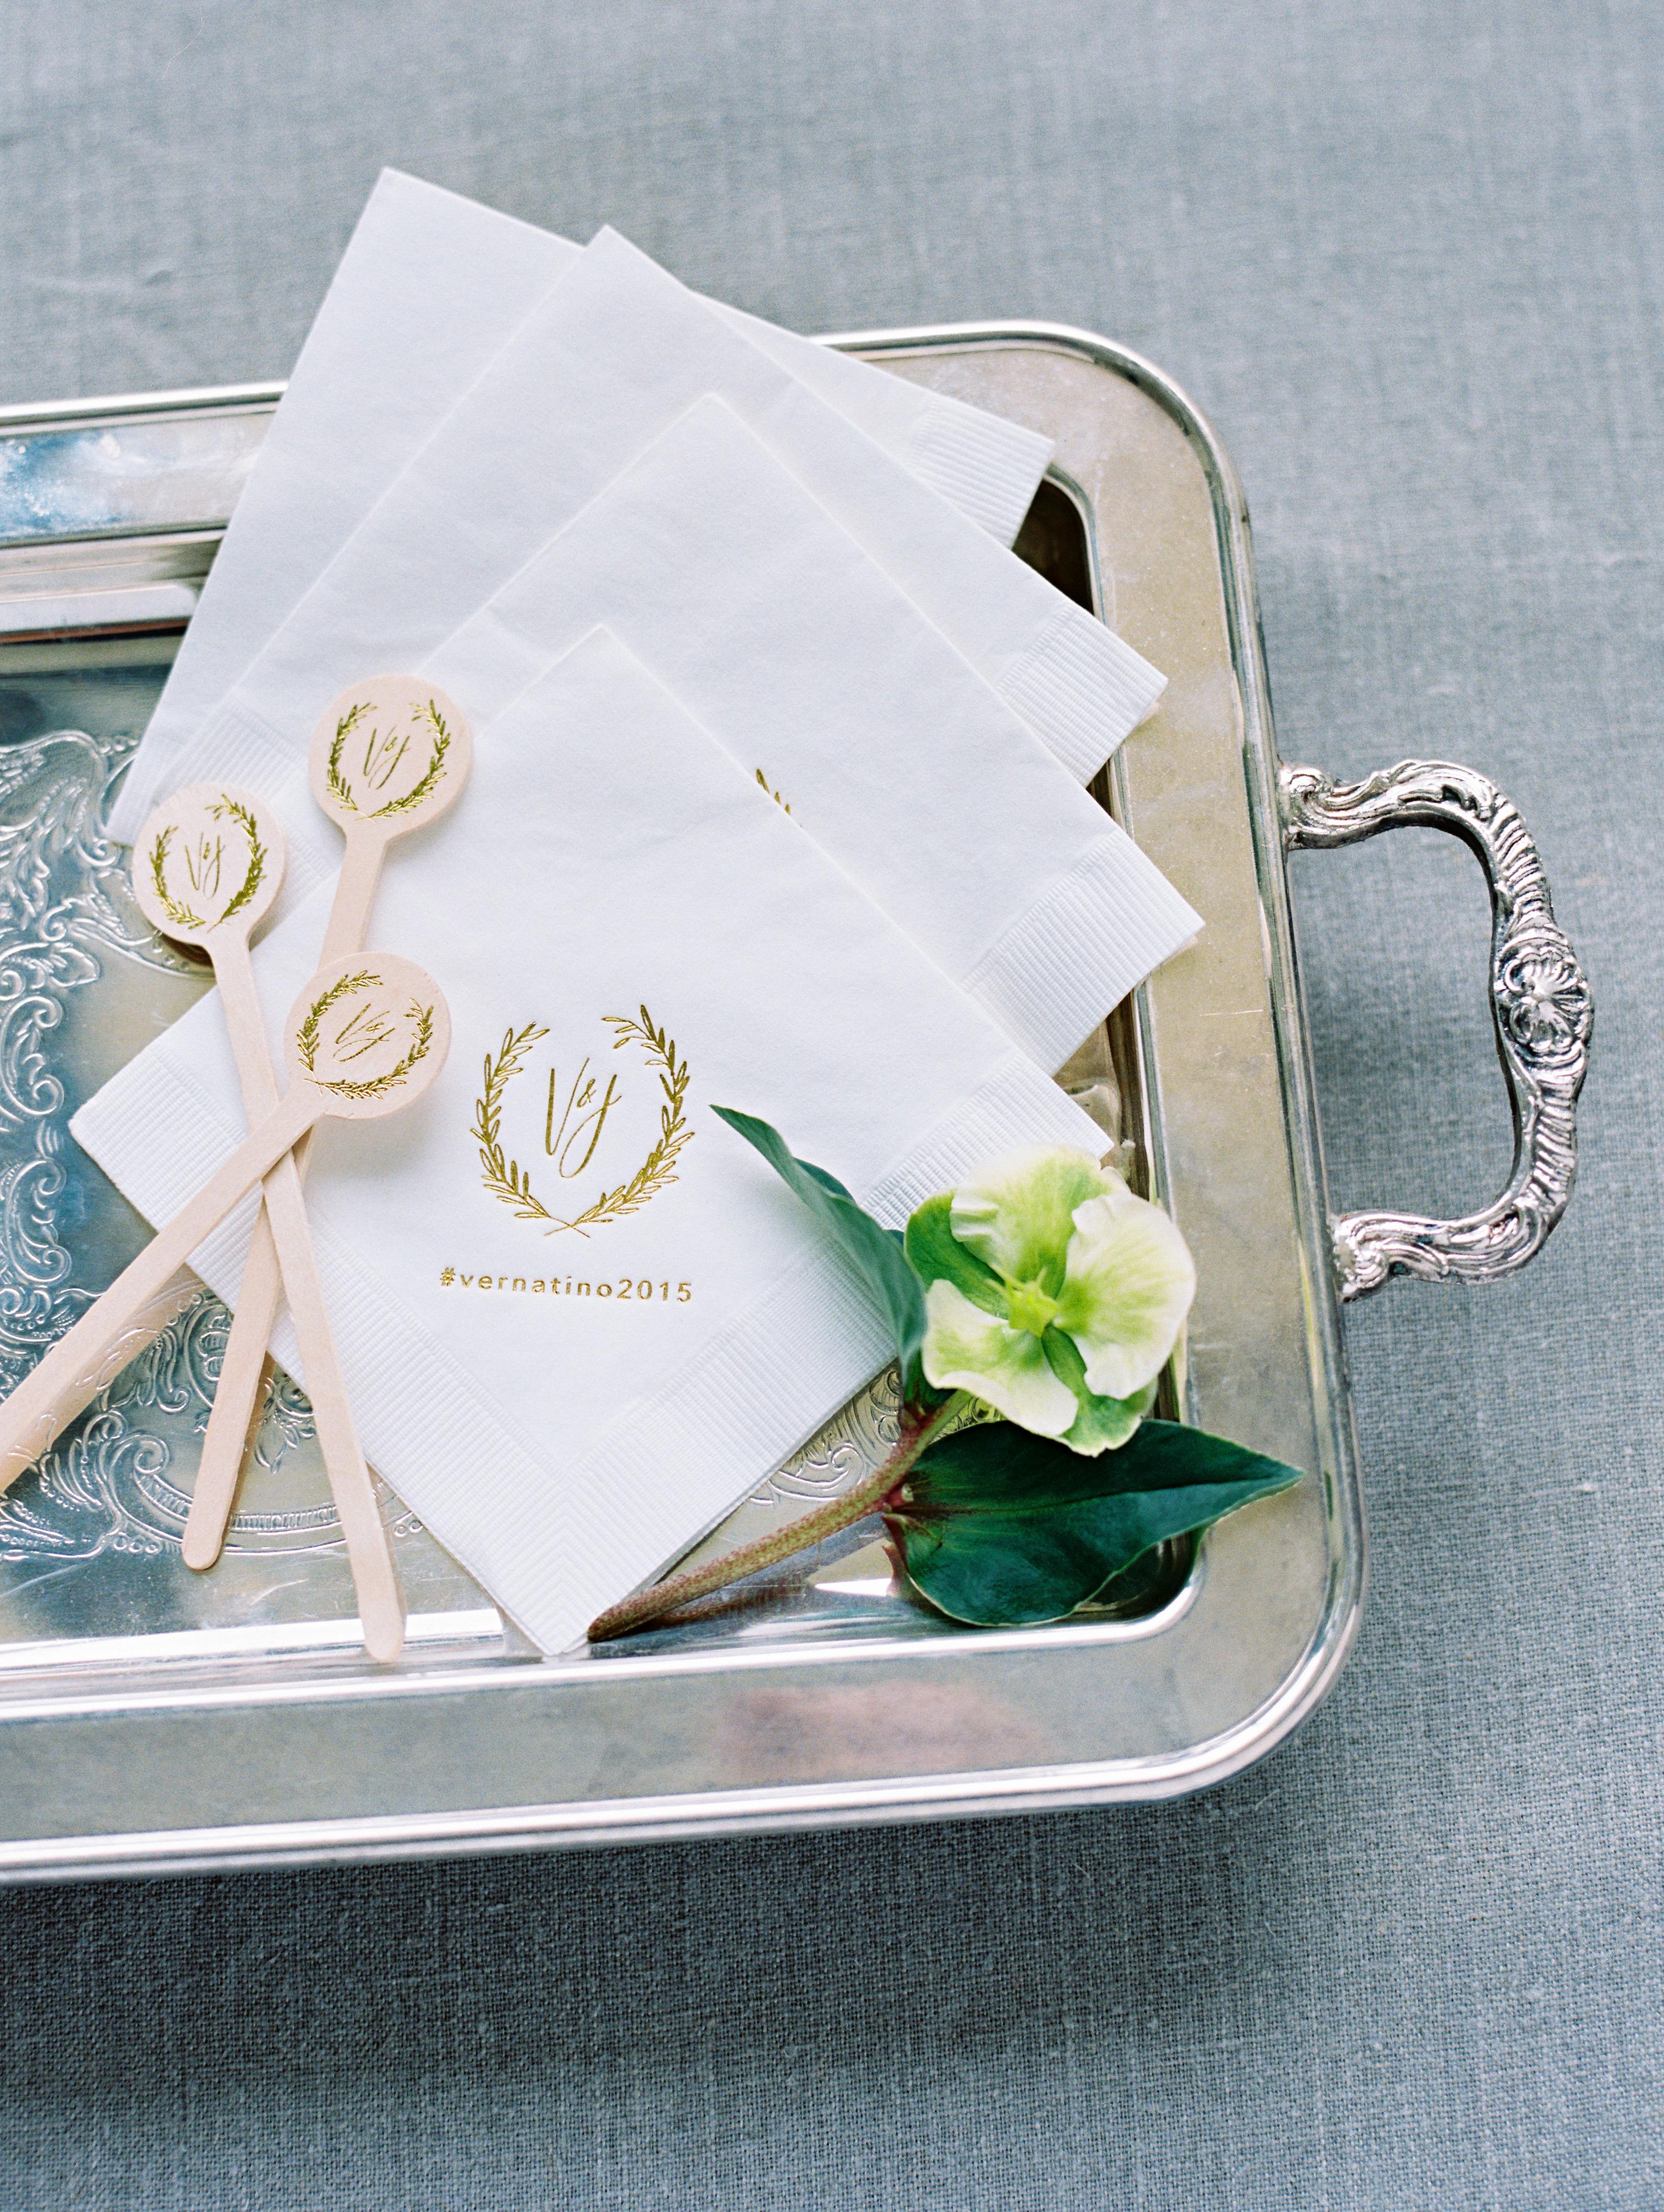 gold foil napkins stirrers